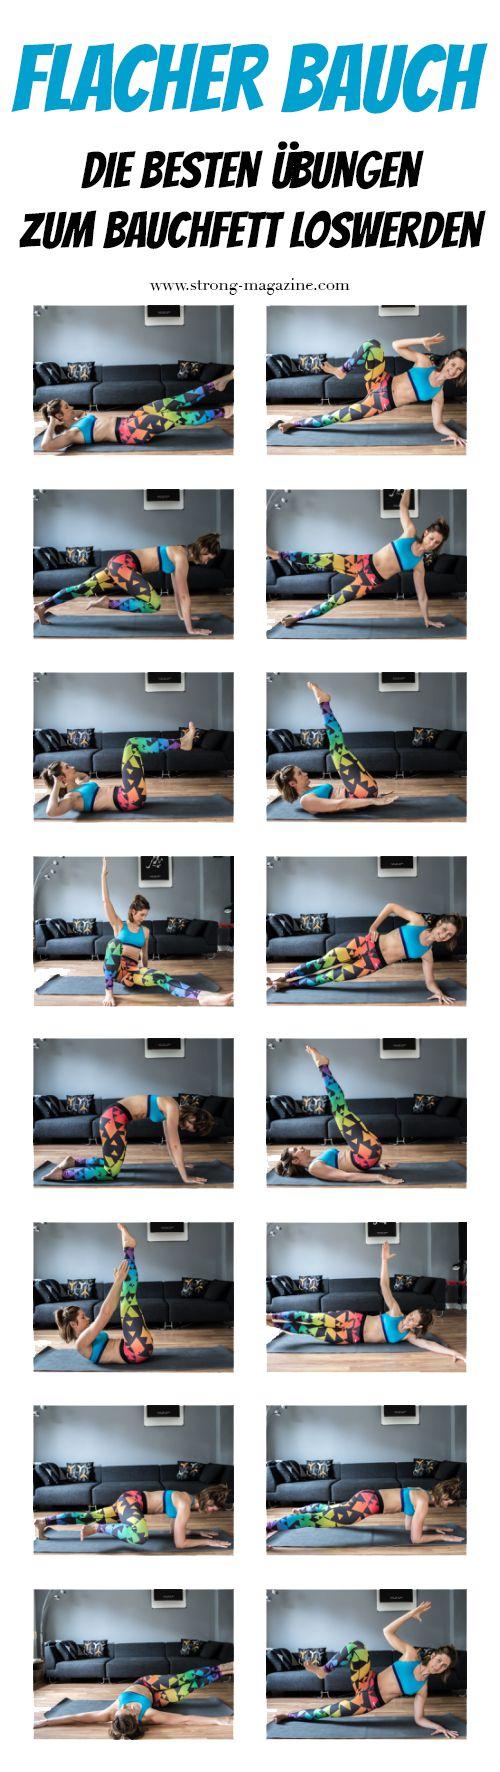 Flacher Bauch - die besten Übungen zum Bauchfett verlieren für Zuhause